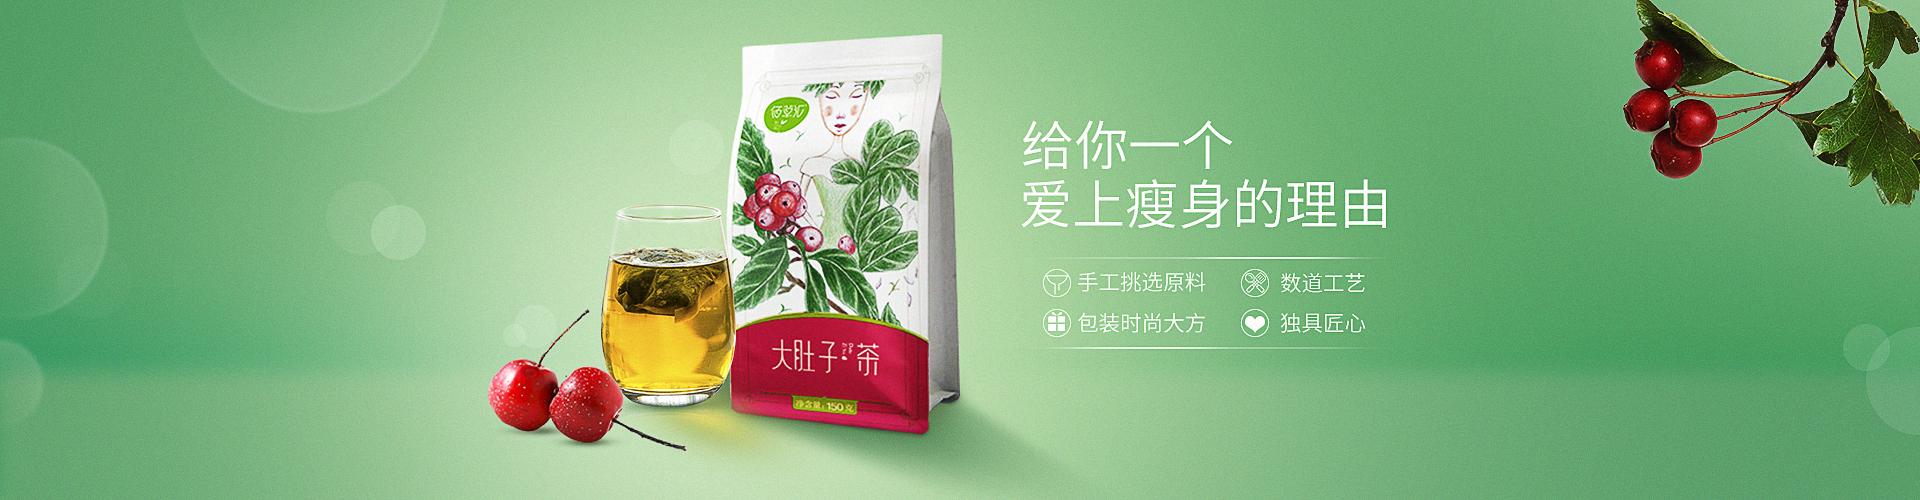 佰草汇大肚子茶